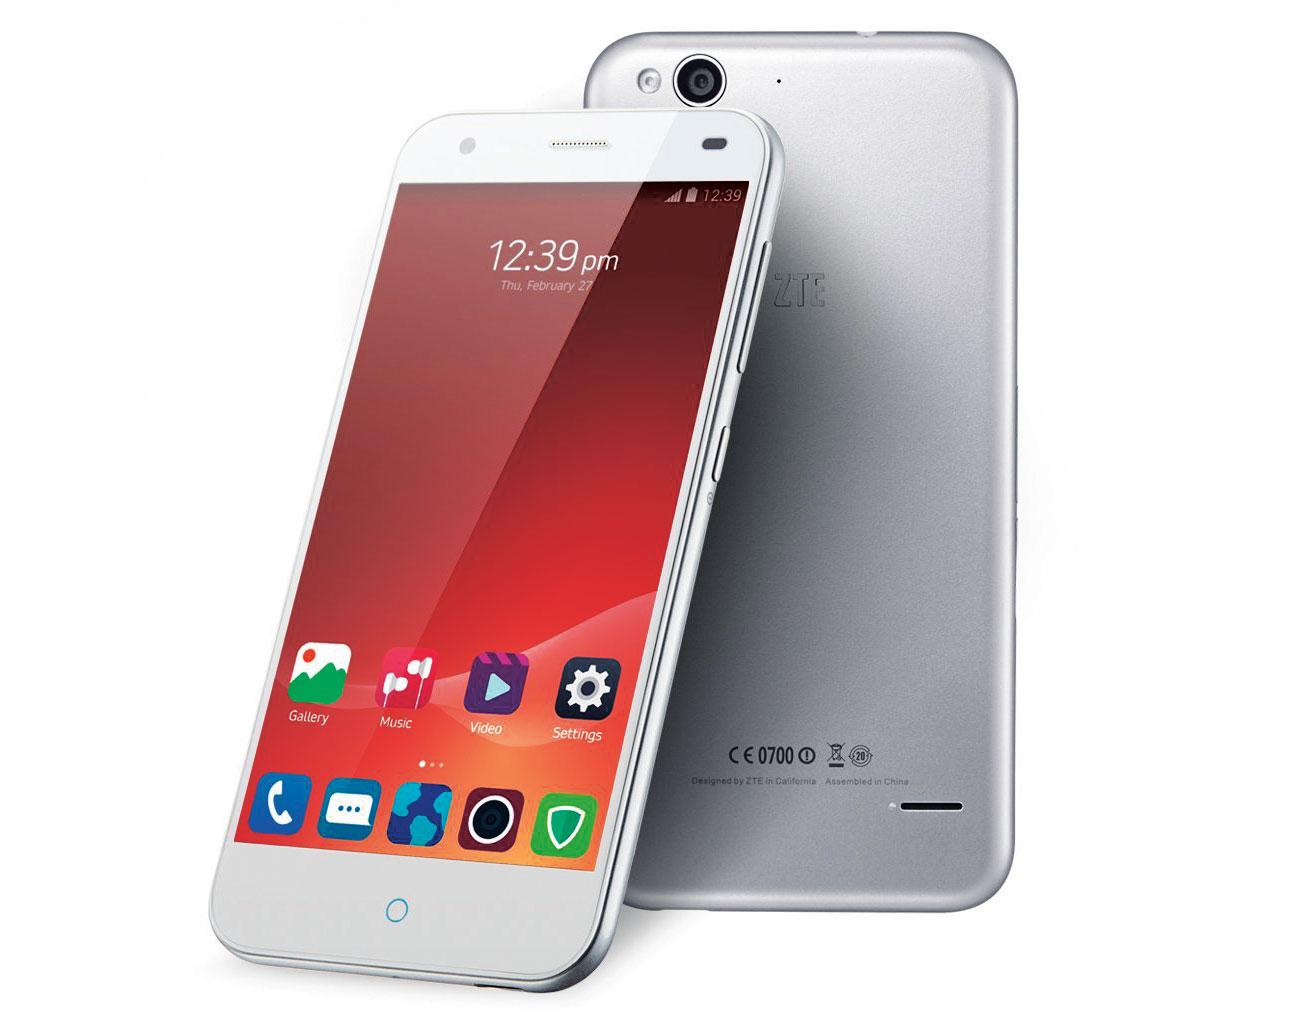 mejor smartphone de gama media | ZTE Blade S6